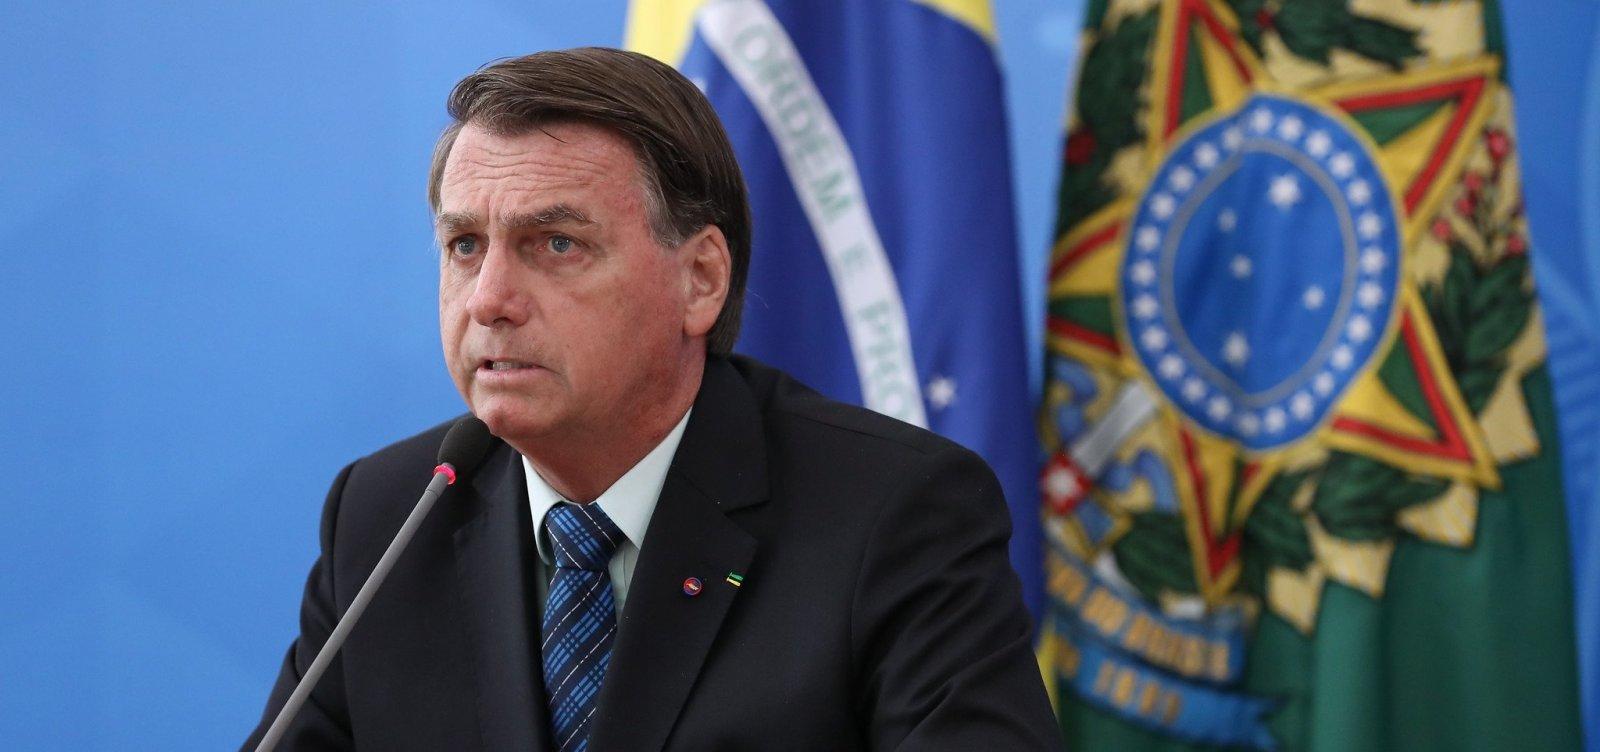 Observatório dos Direitos Humanos aponta que Brasil restringiu acesso a informações da pandemia